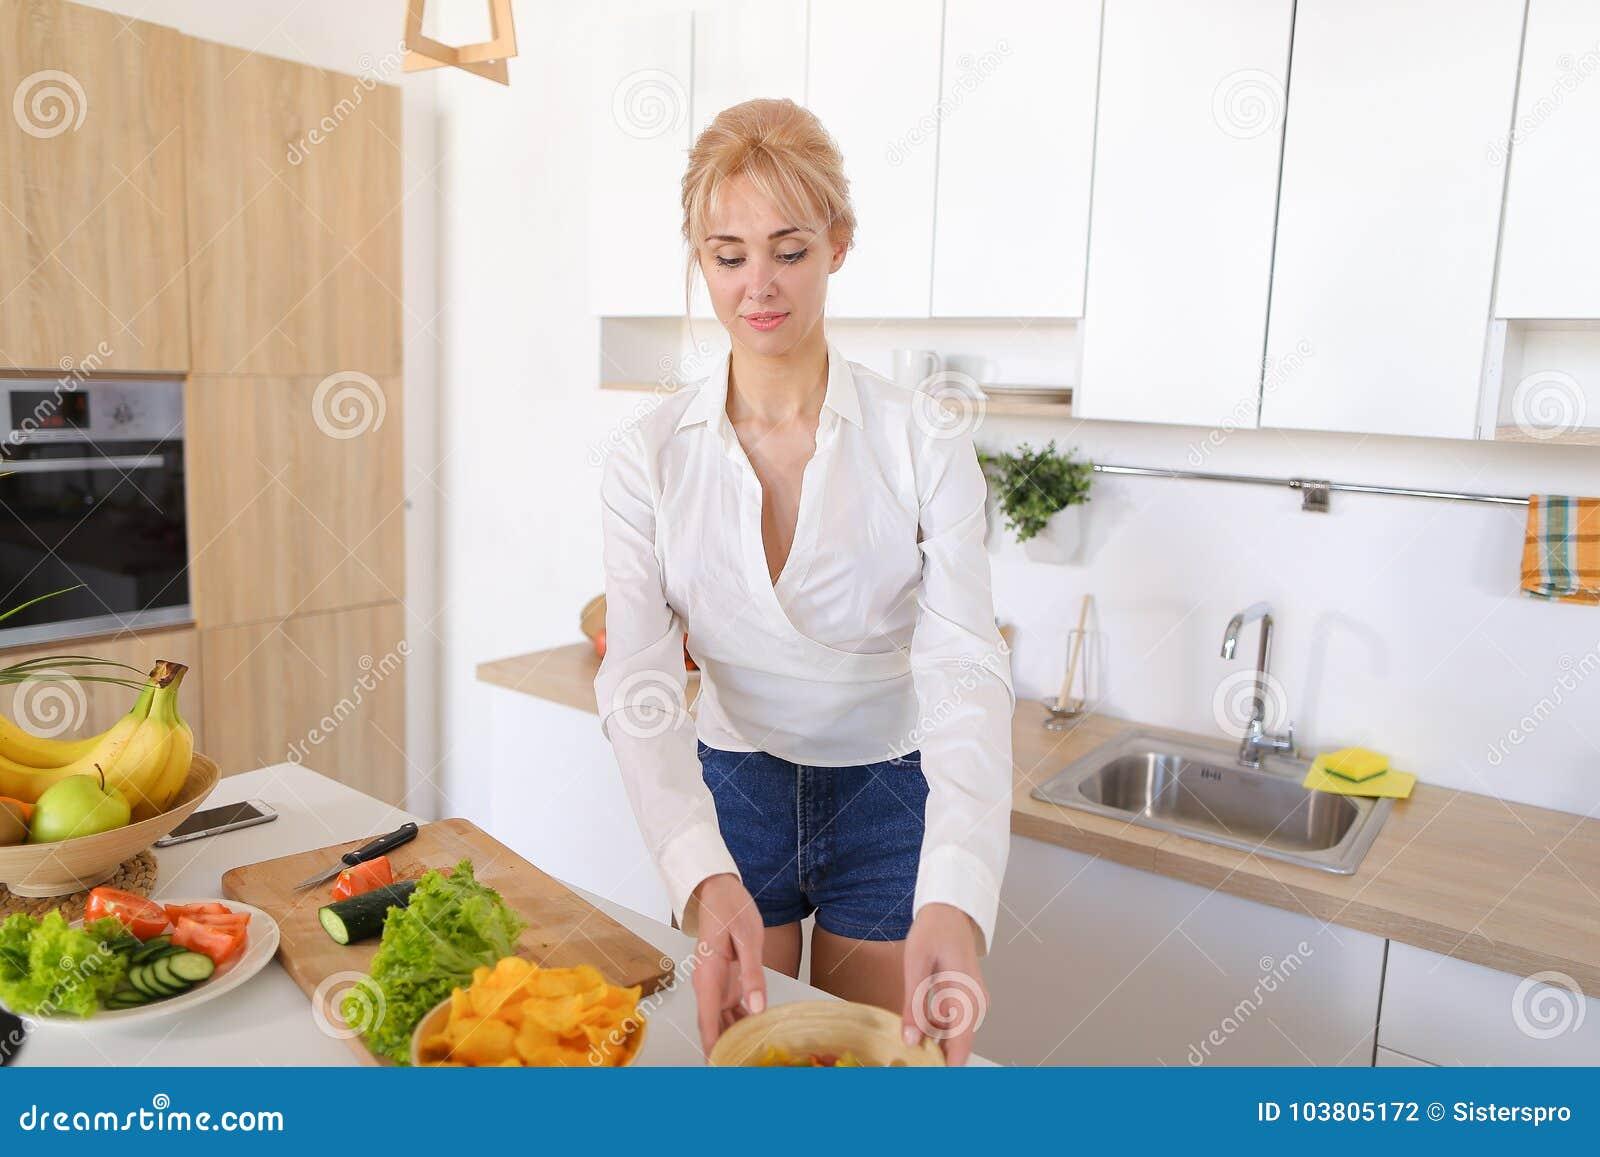 Slender Blonde Woman Completes Preparation Of Healthy Breakfast ...